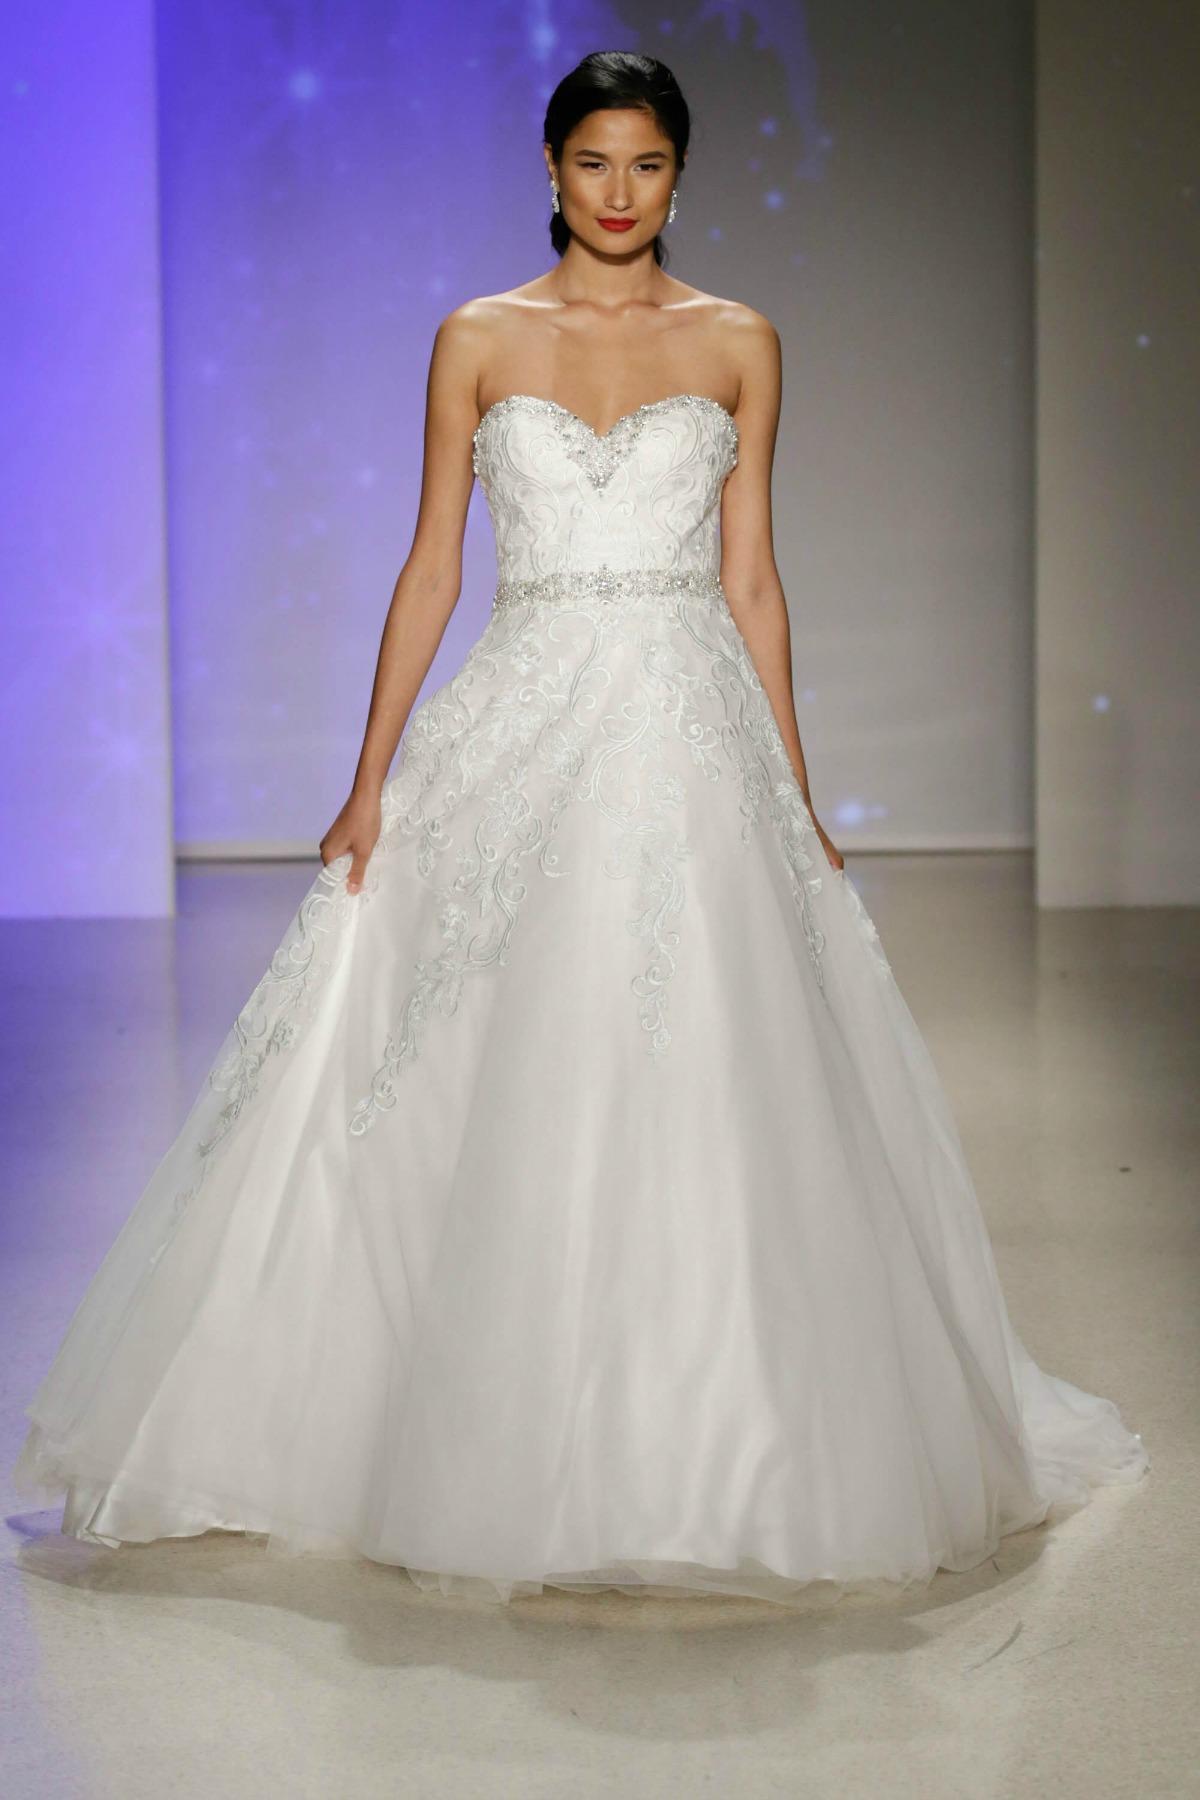 disney wedding dresses prices photo - 1